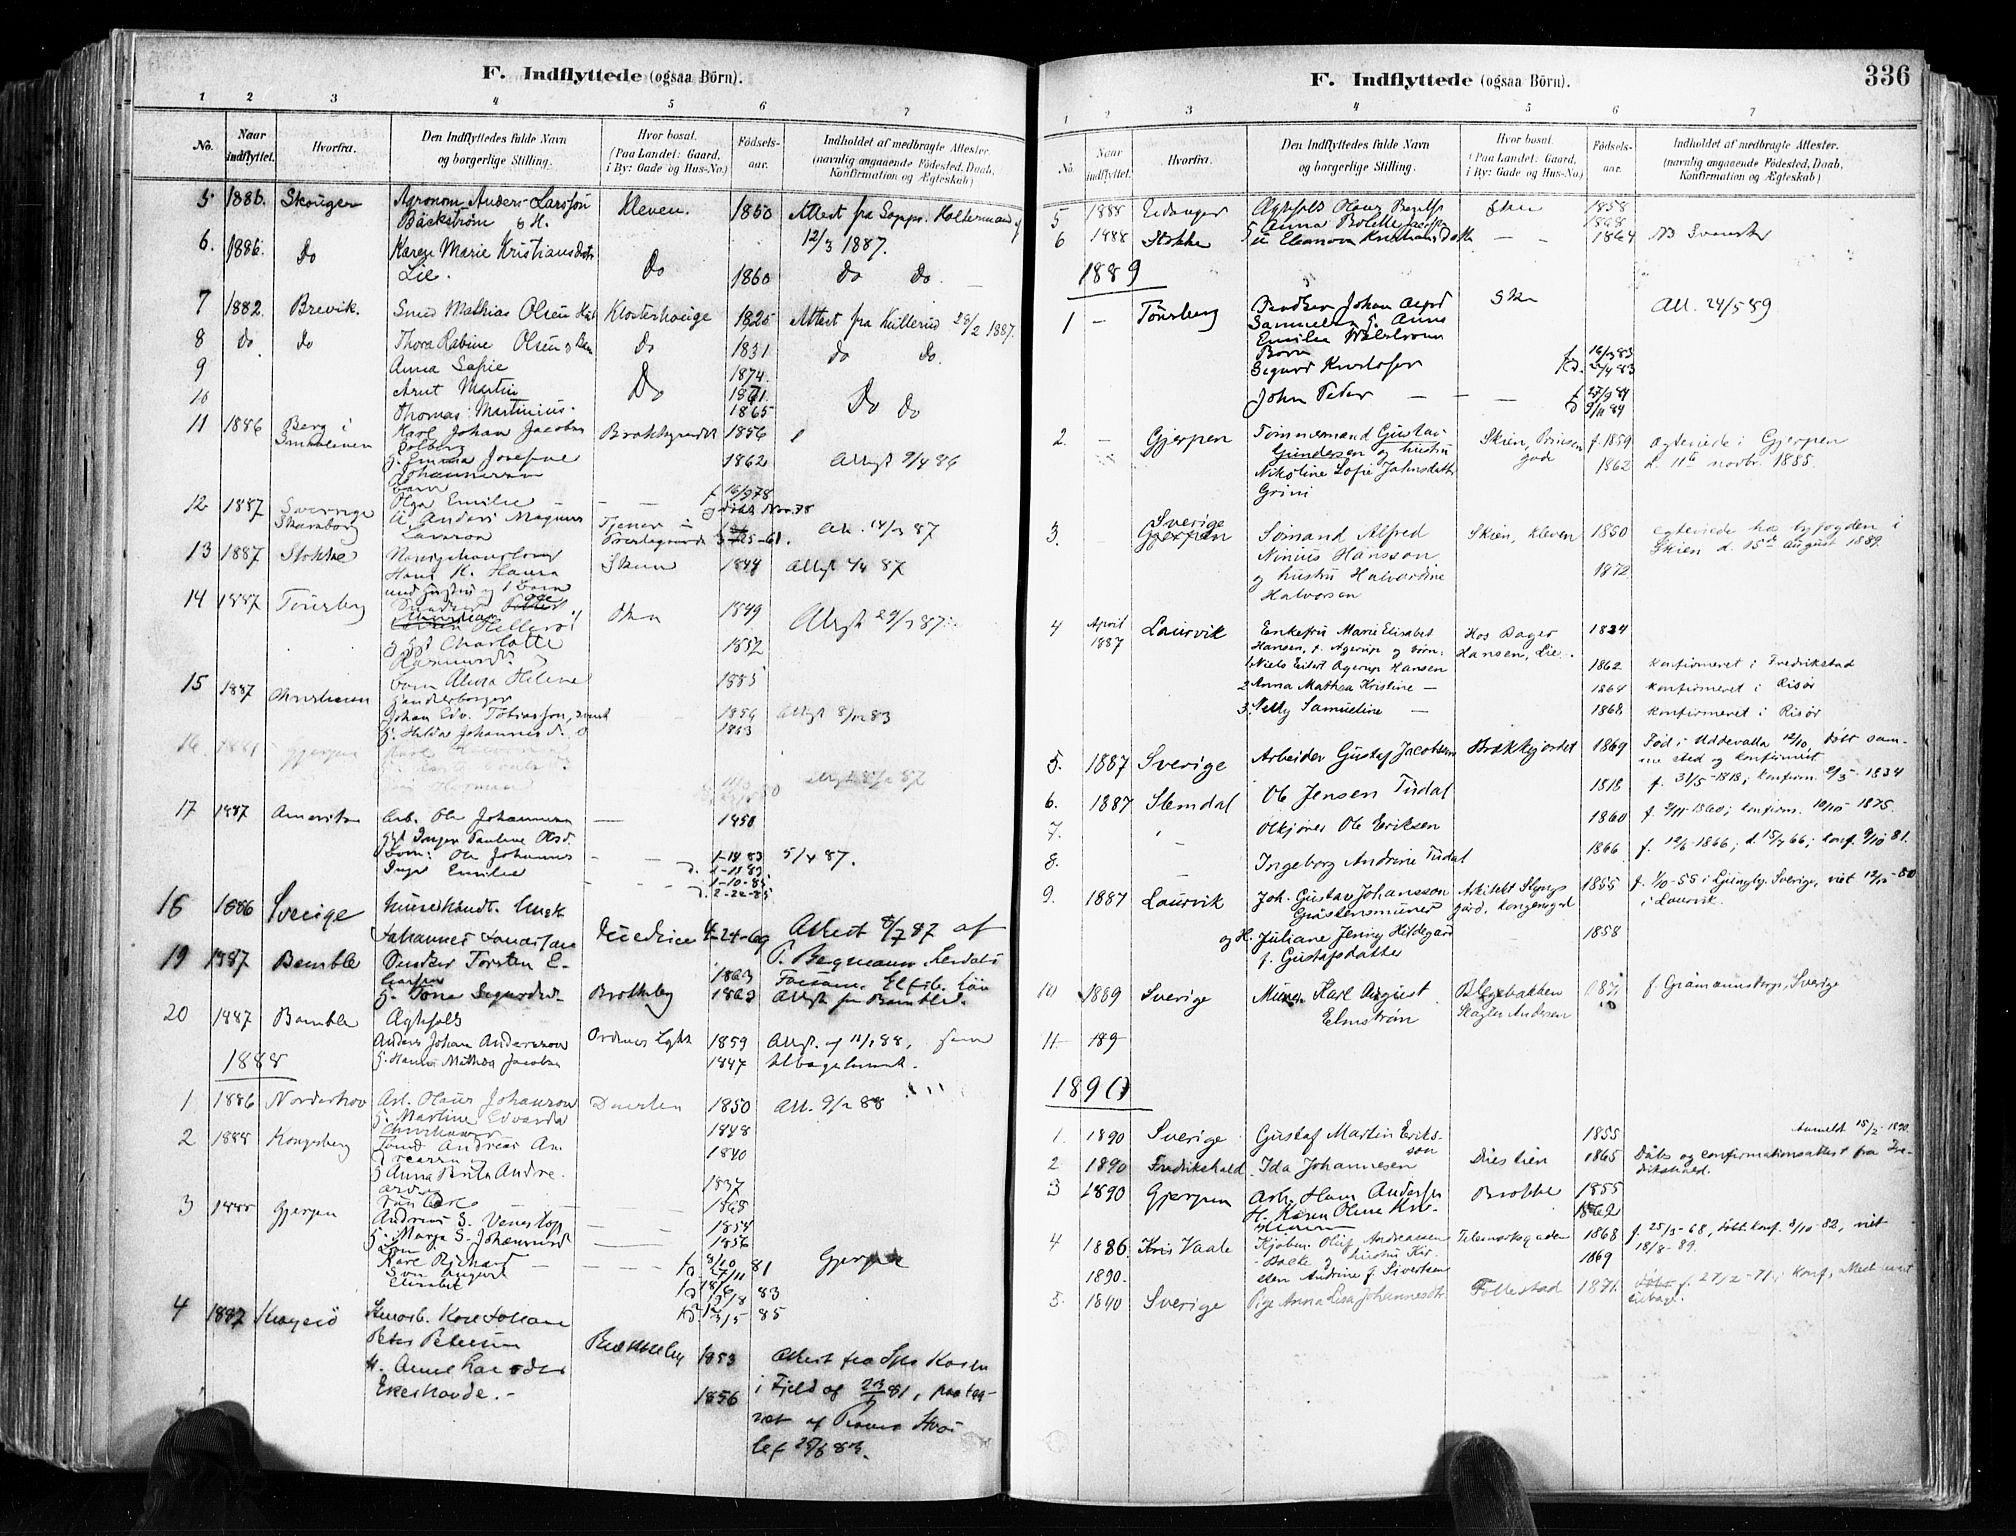 SAKO, Skien kirkebøker, F/Fa/L0009: Ministerialbok nr. 9, 1878-1890, s. 336